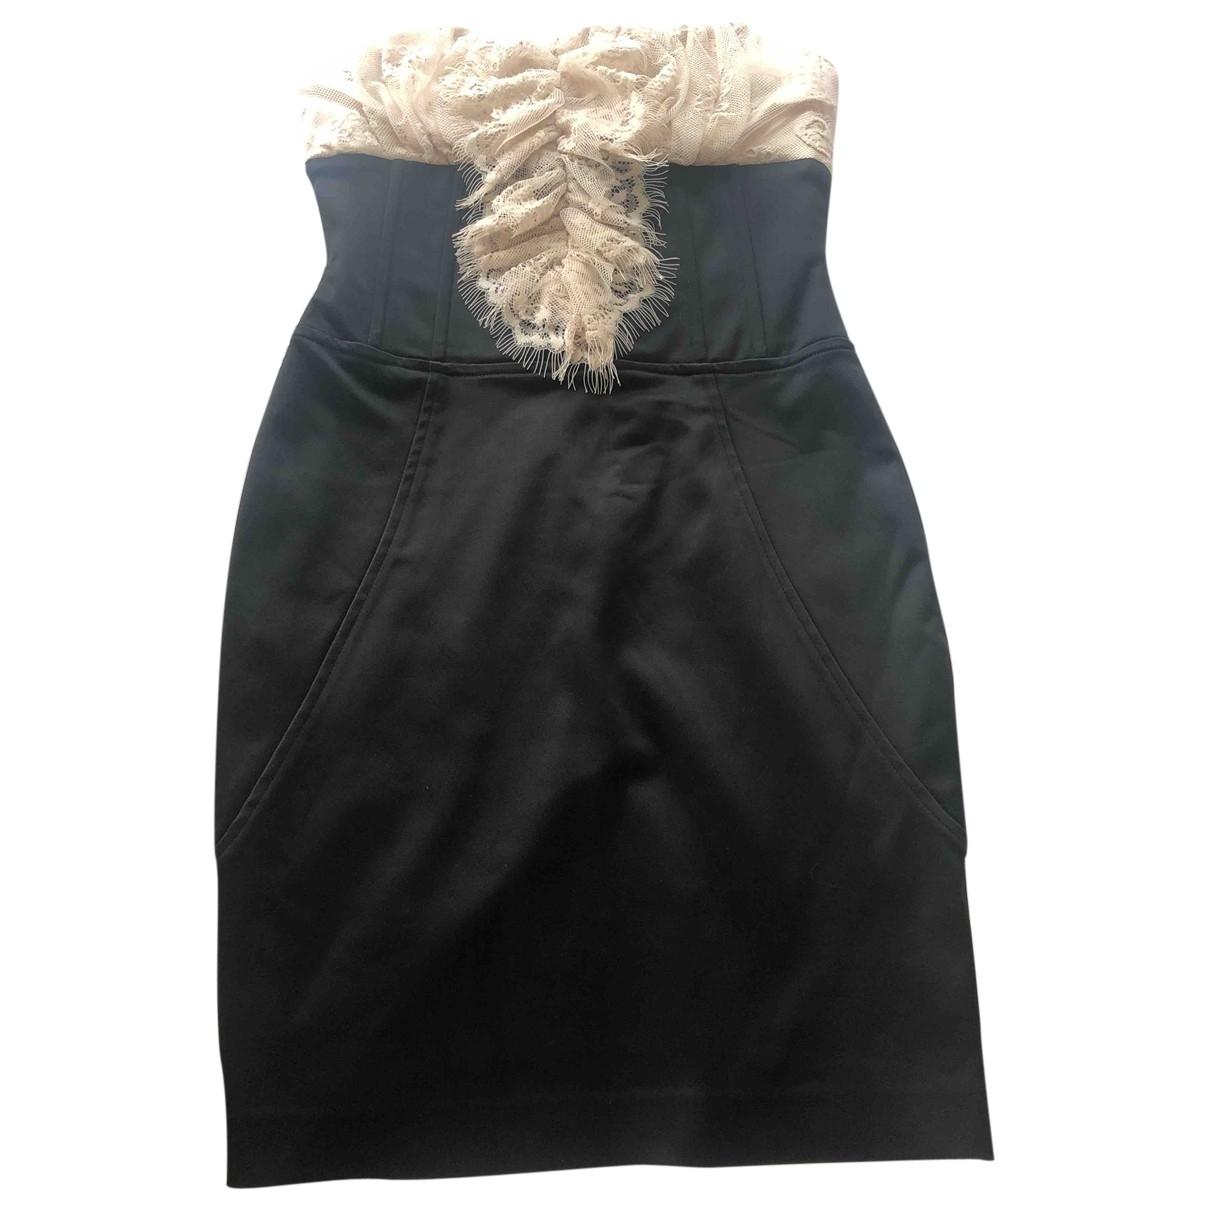 Le Bebe \N Kleid in  Schwarz Baumwolle - Elasthan